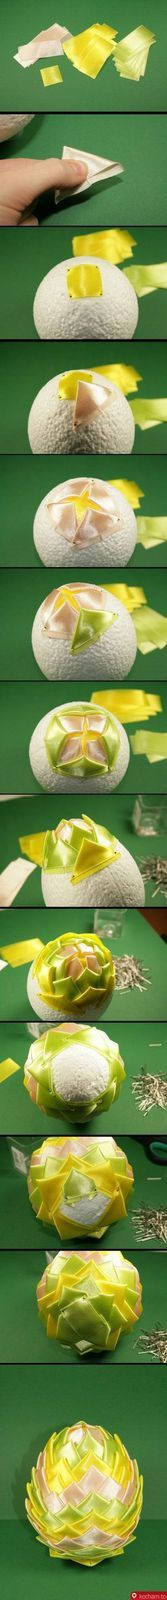 Boule pomme de pin pour Noël